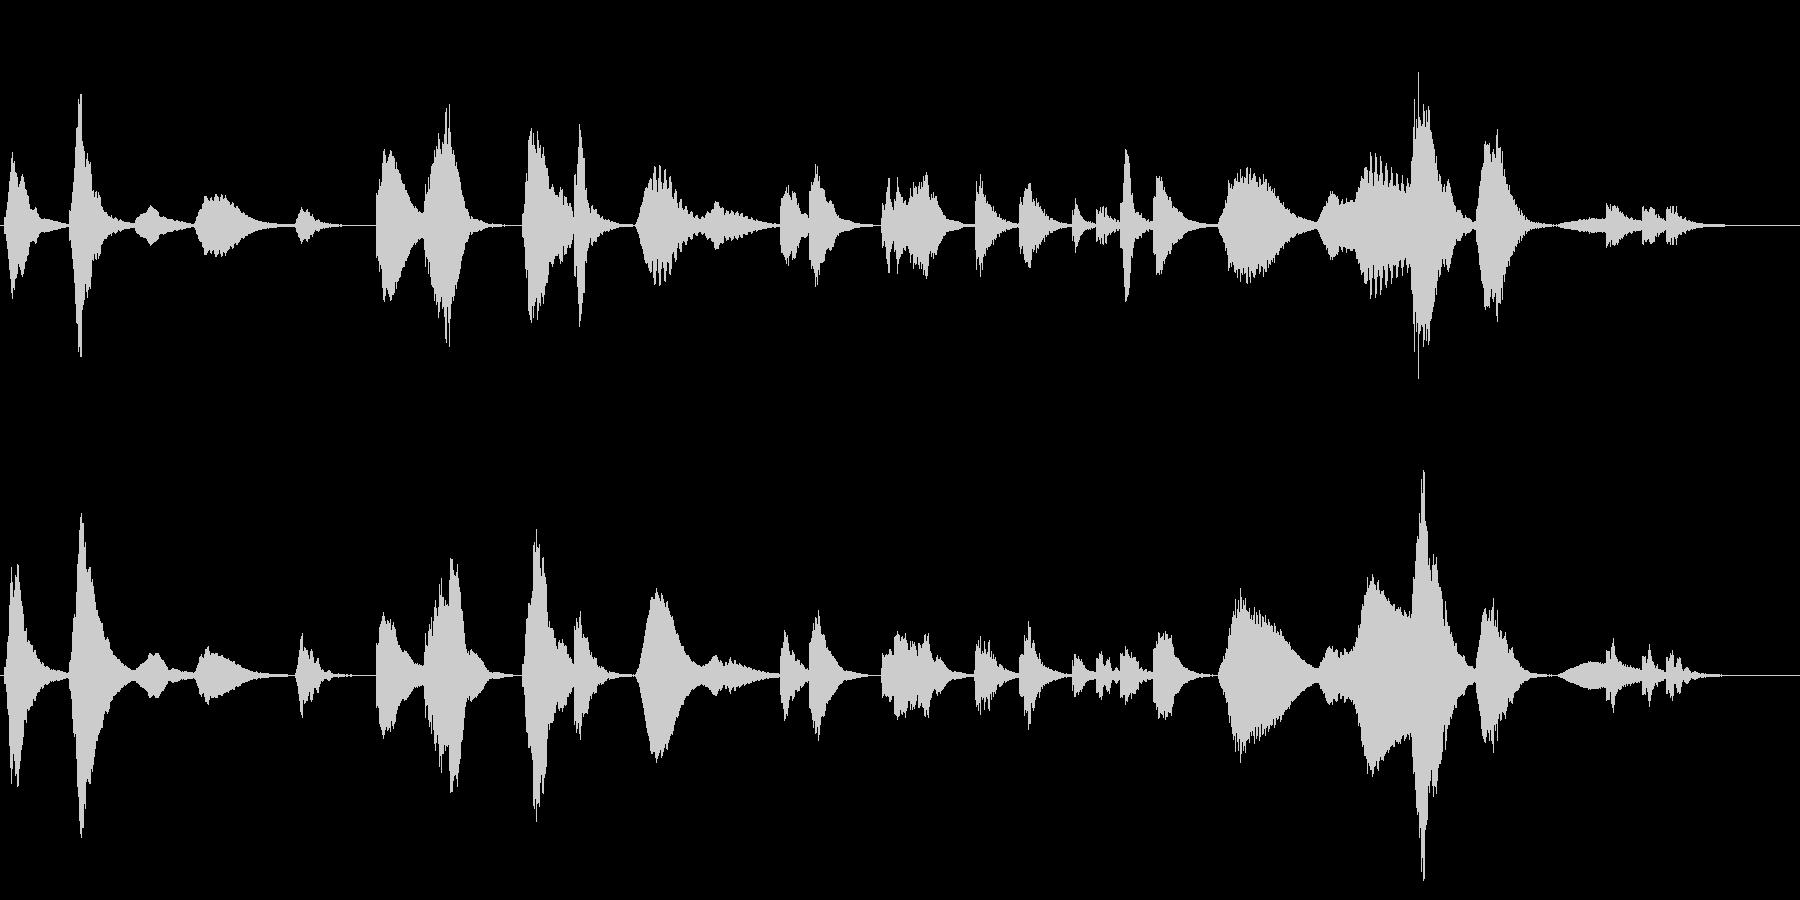 劇伴 前衛音楽風ホラーアンビエントの未再生の波形